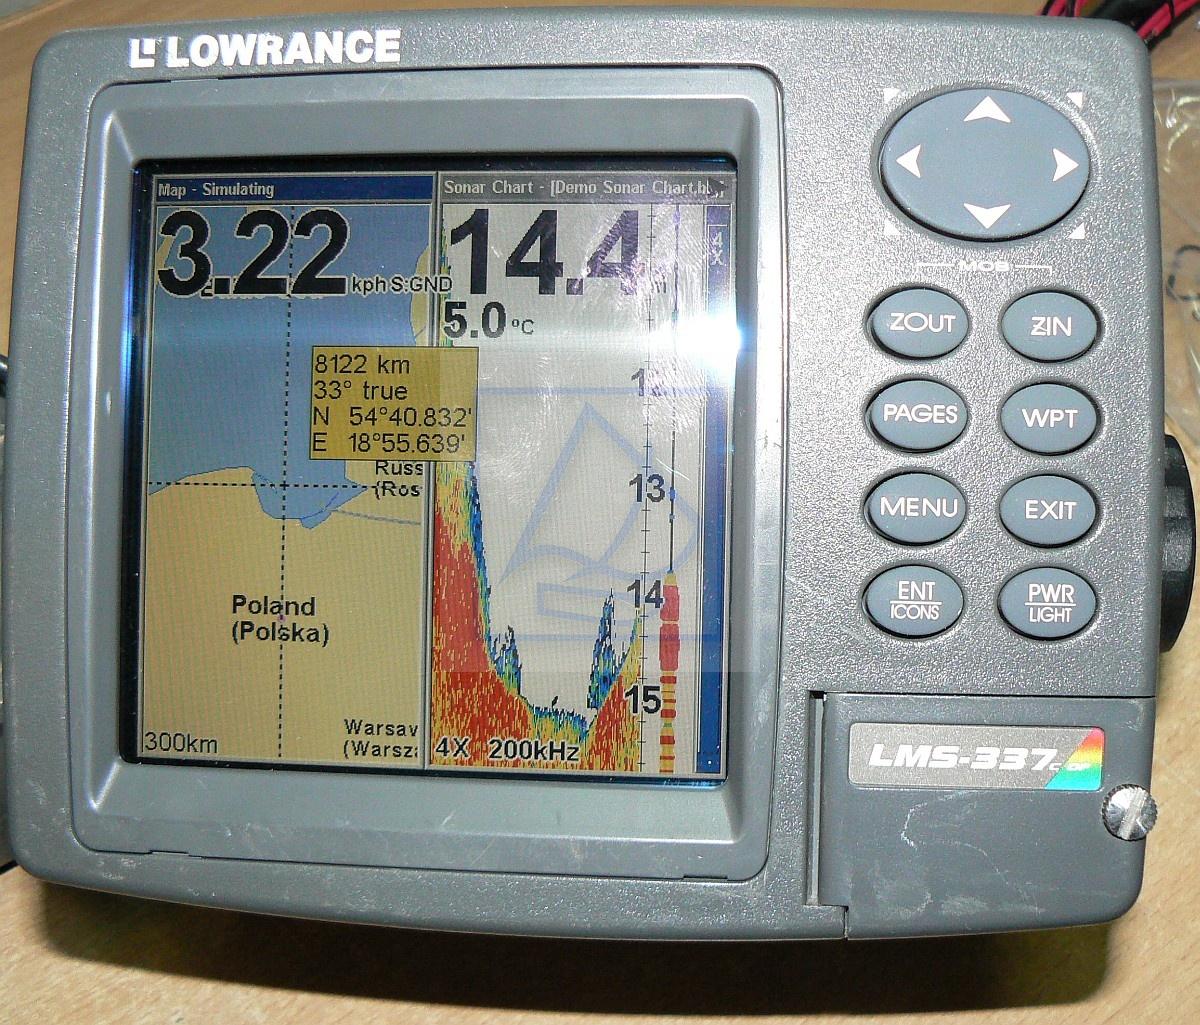 Echosonda Z GPS LOWRANCE LMS-339C Używana Sprawna Z Mapą